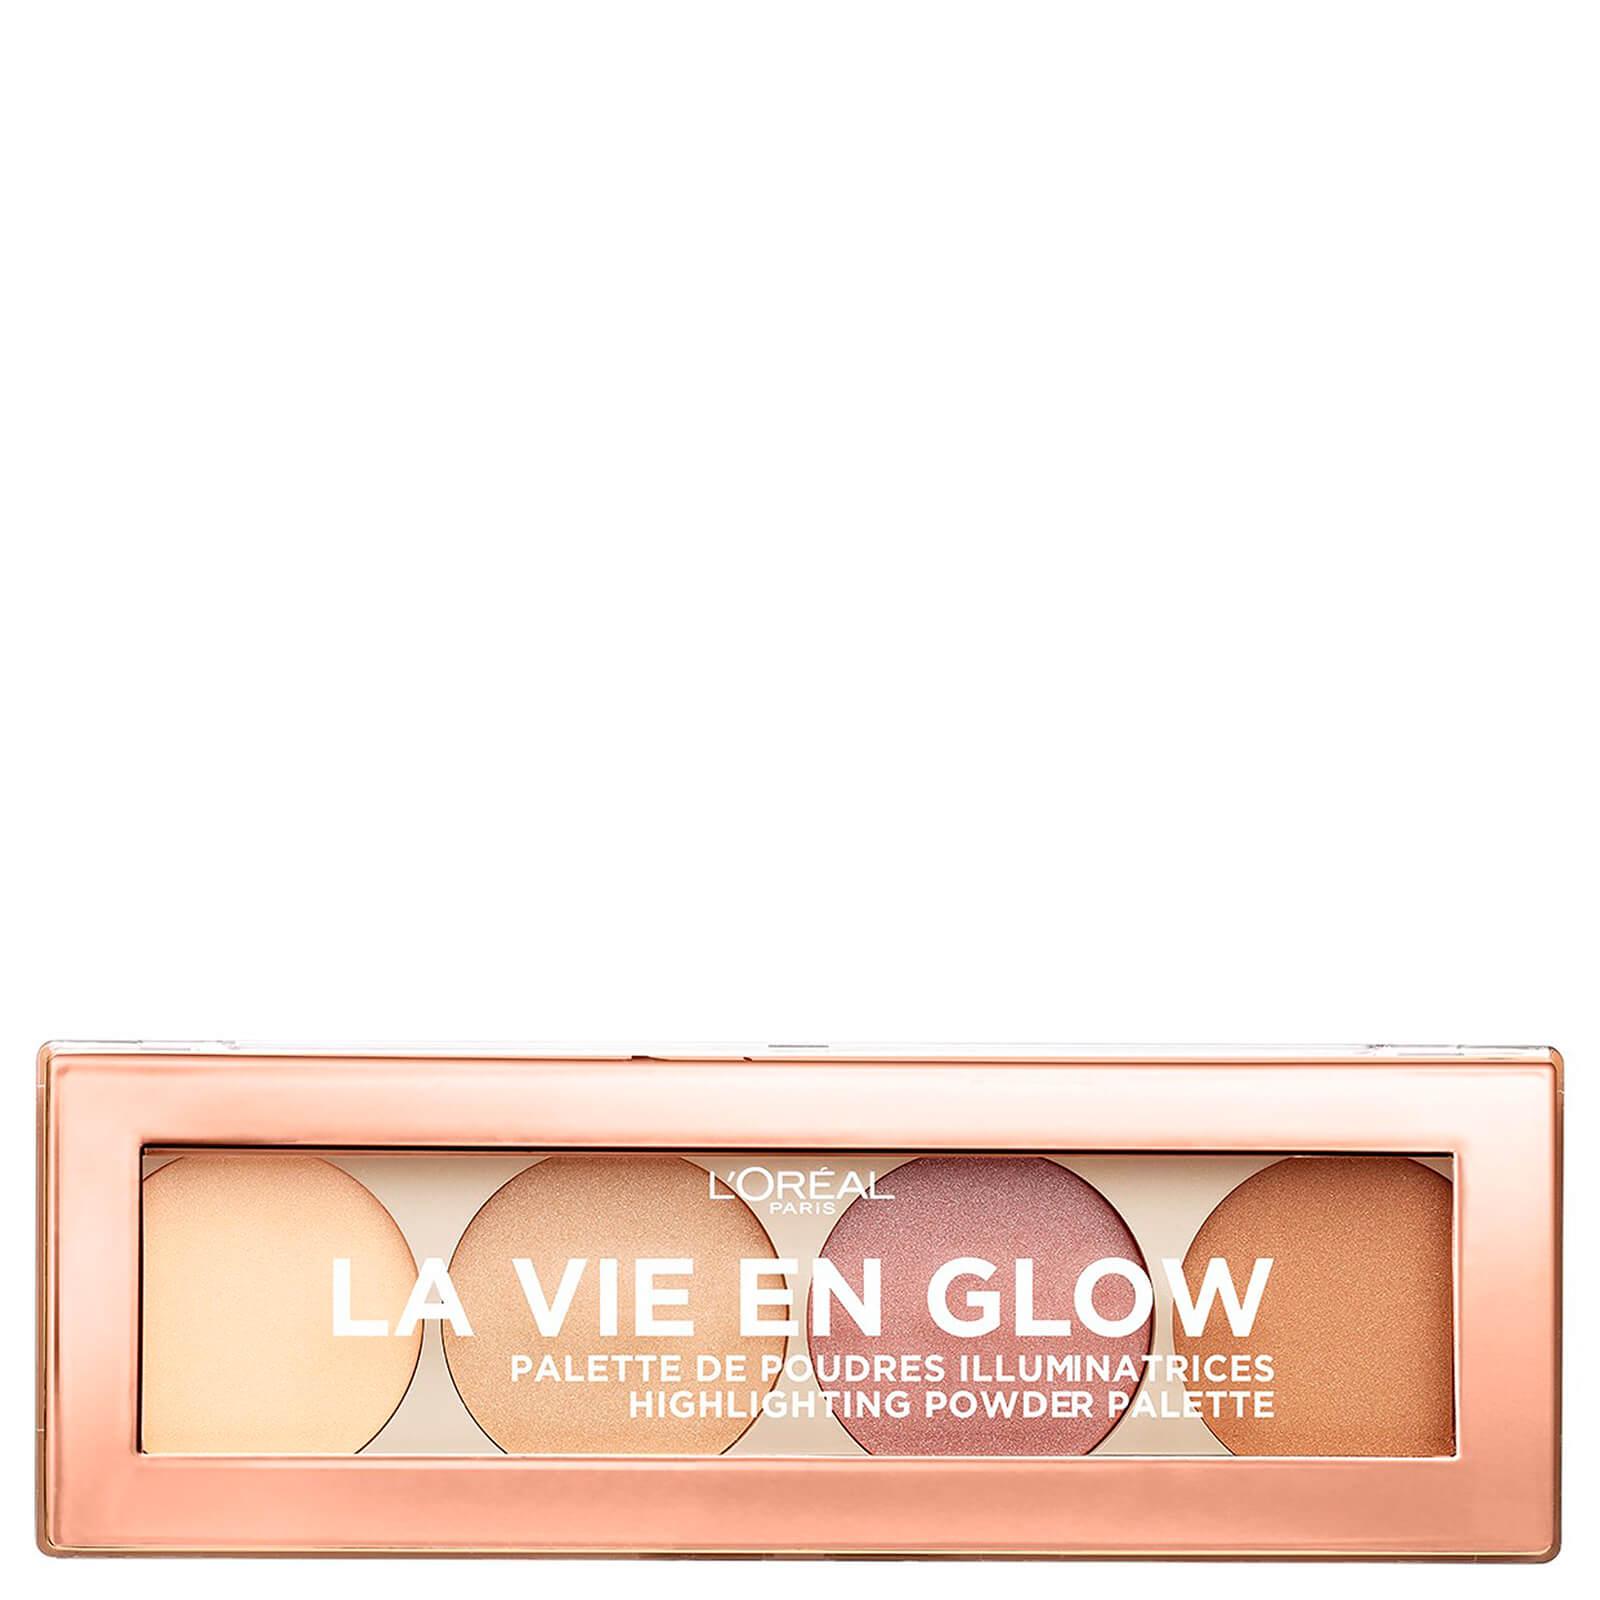 L'Oréal Paris La Vie En Glow Highlighting Powder Palette - Warm Glow 10g